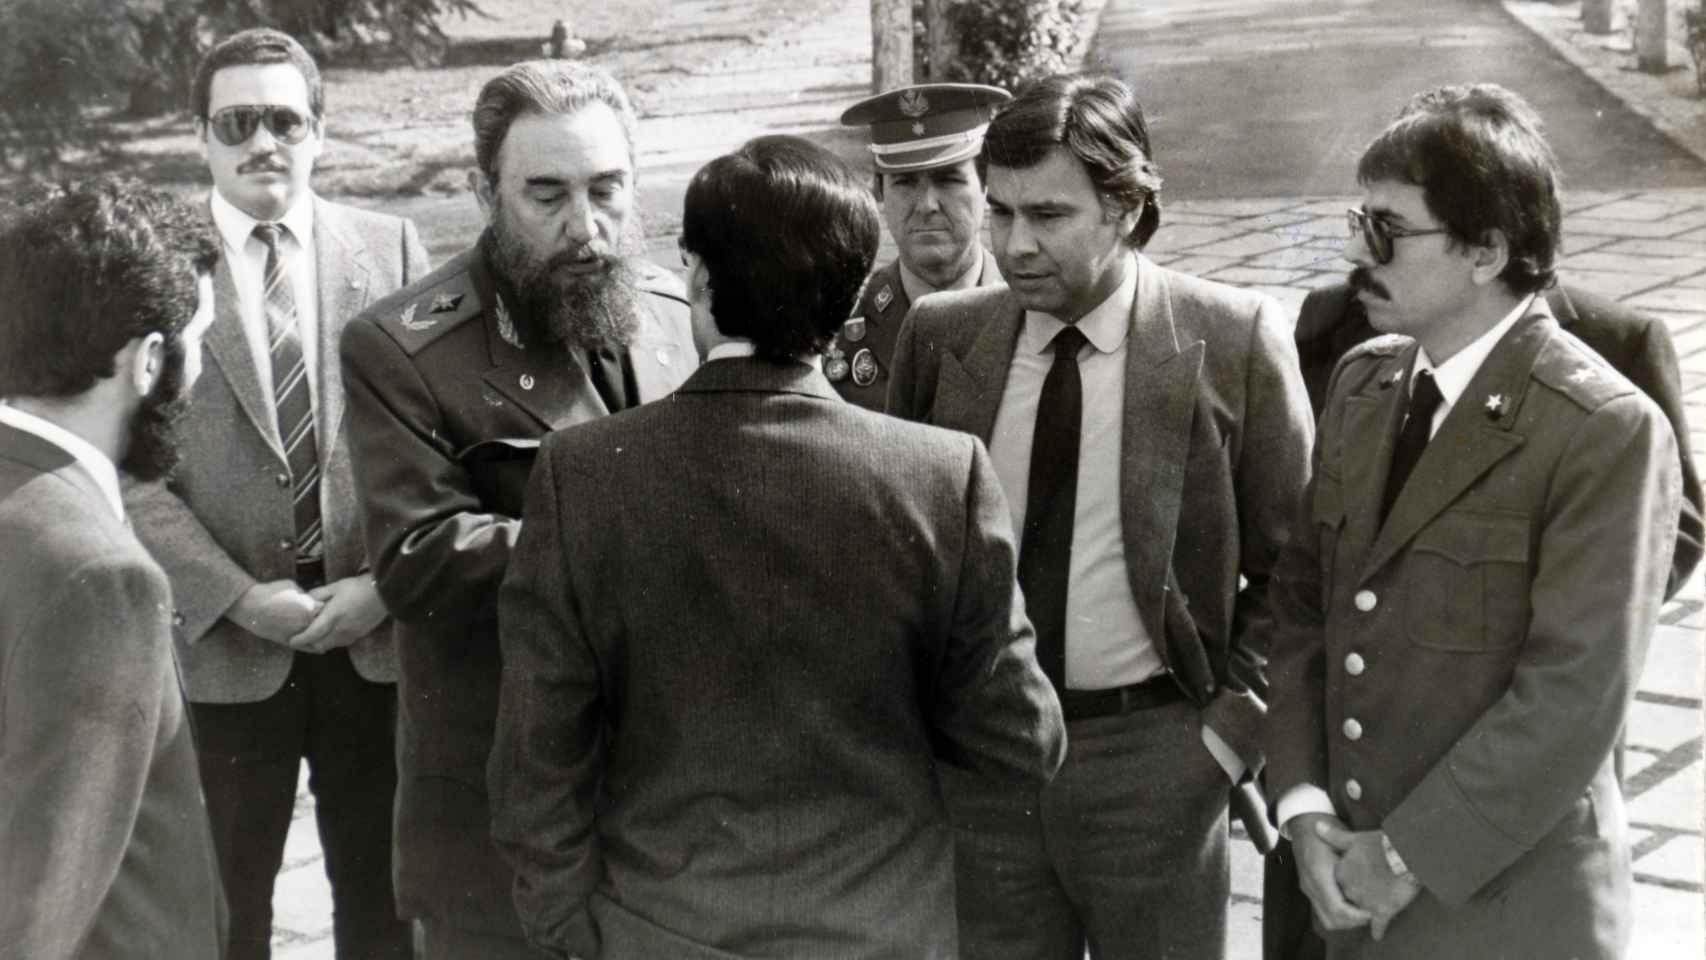 El comandante cubano junto a Daniel Ortega y Felipez Goznález en una visita a España.